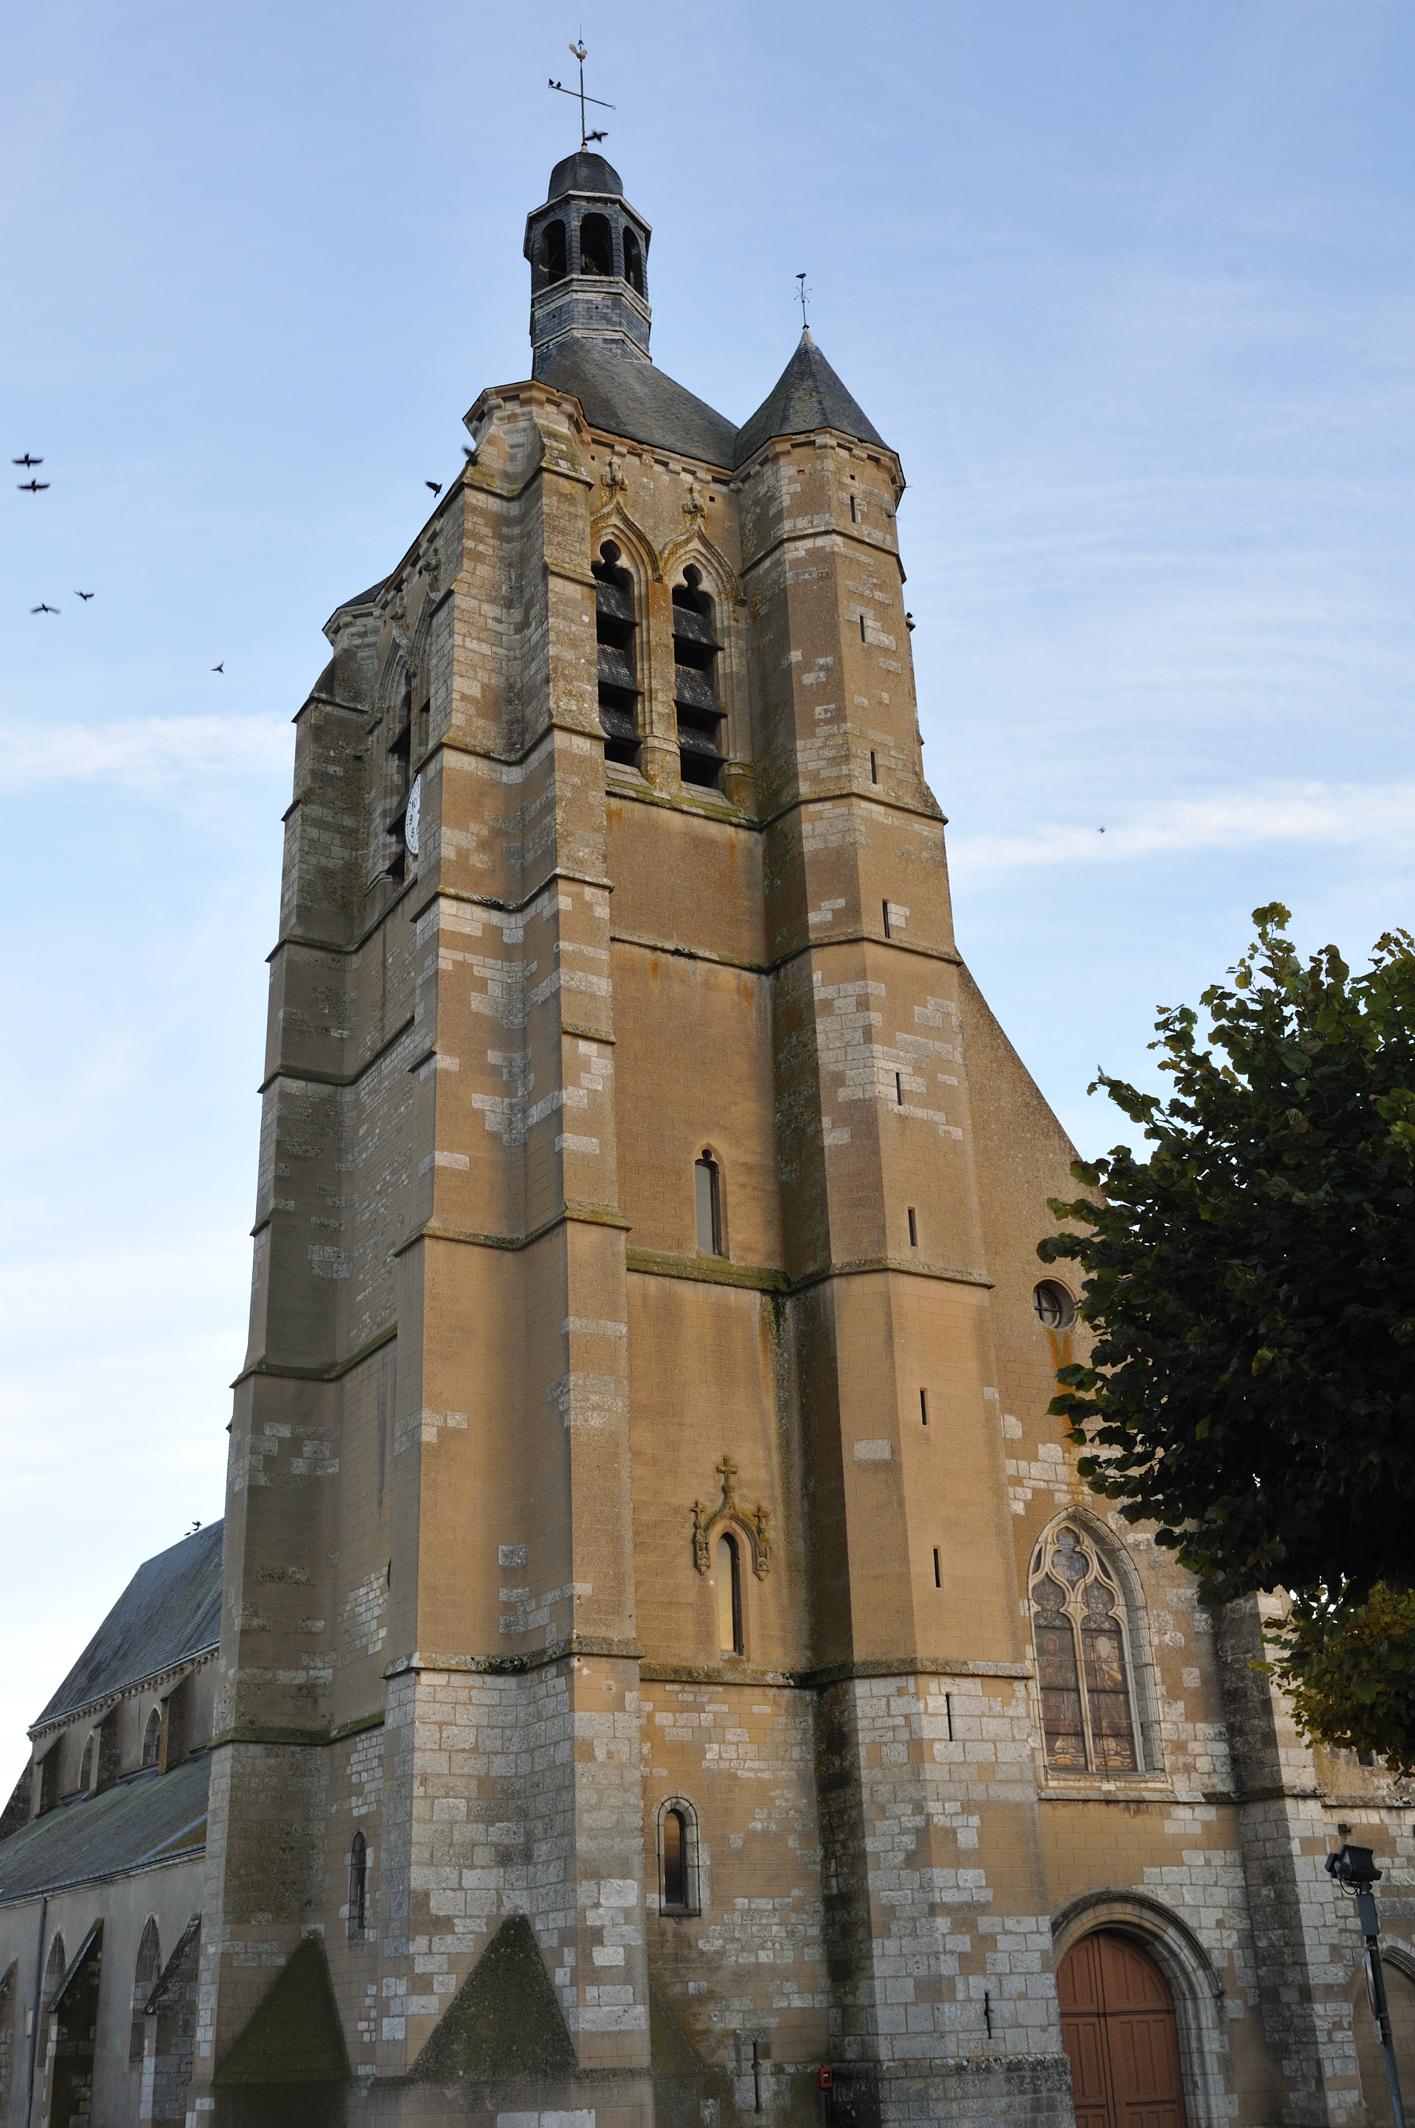 FichierNeuvilleauxBois église SaintSymphorien 1jpg